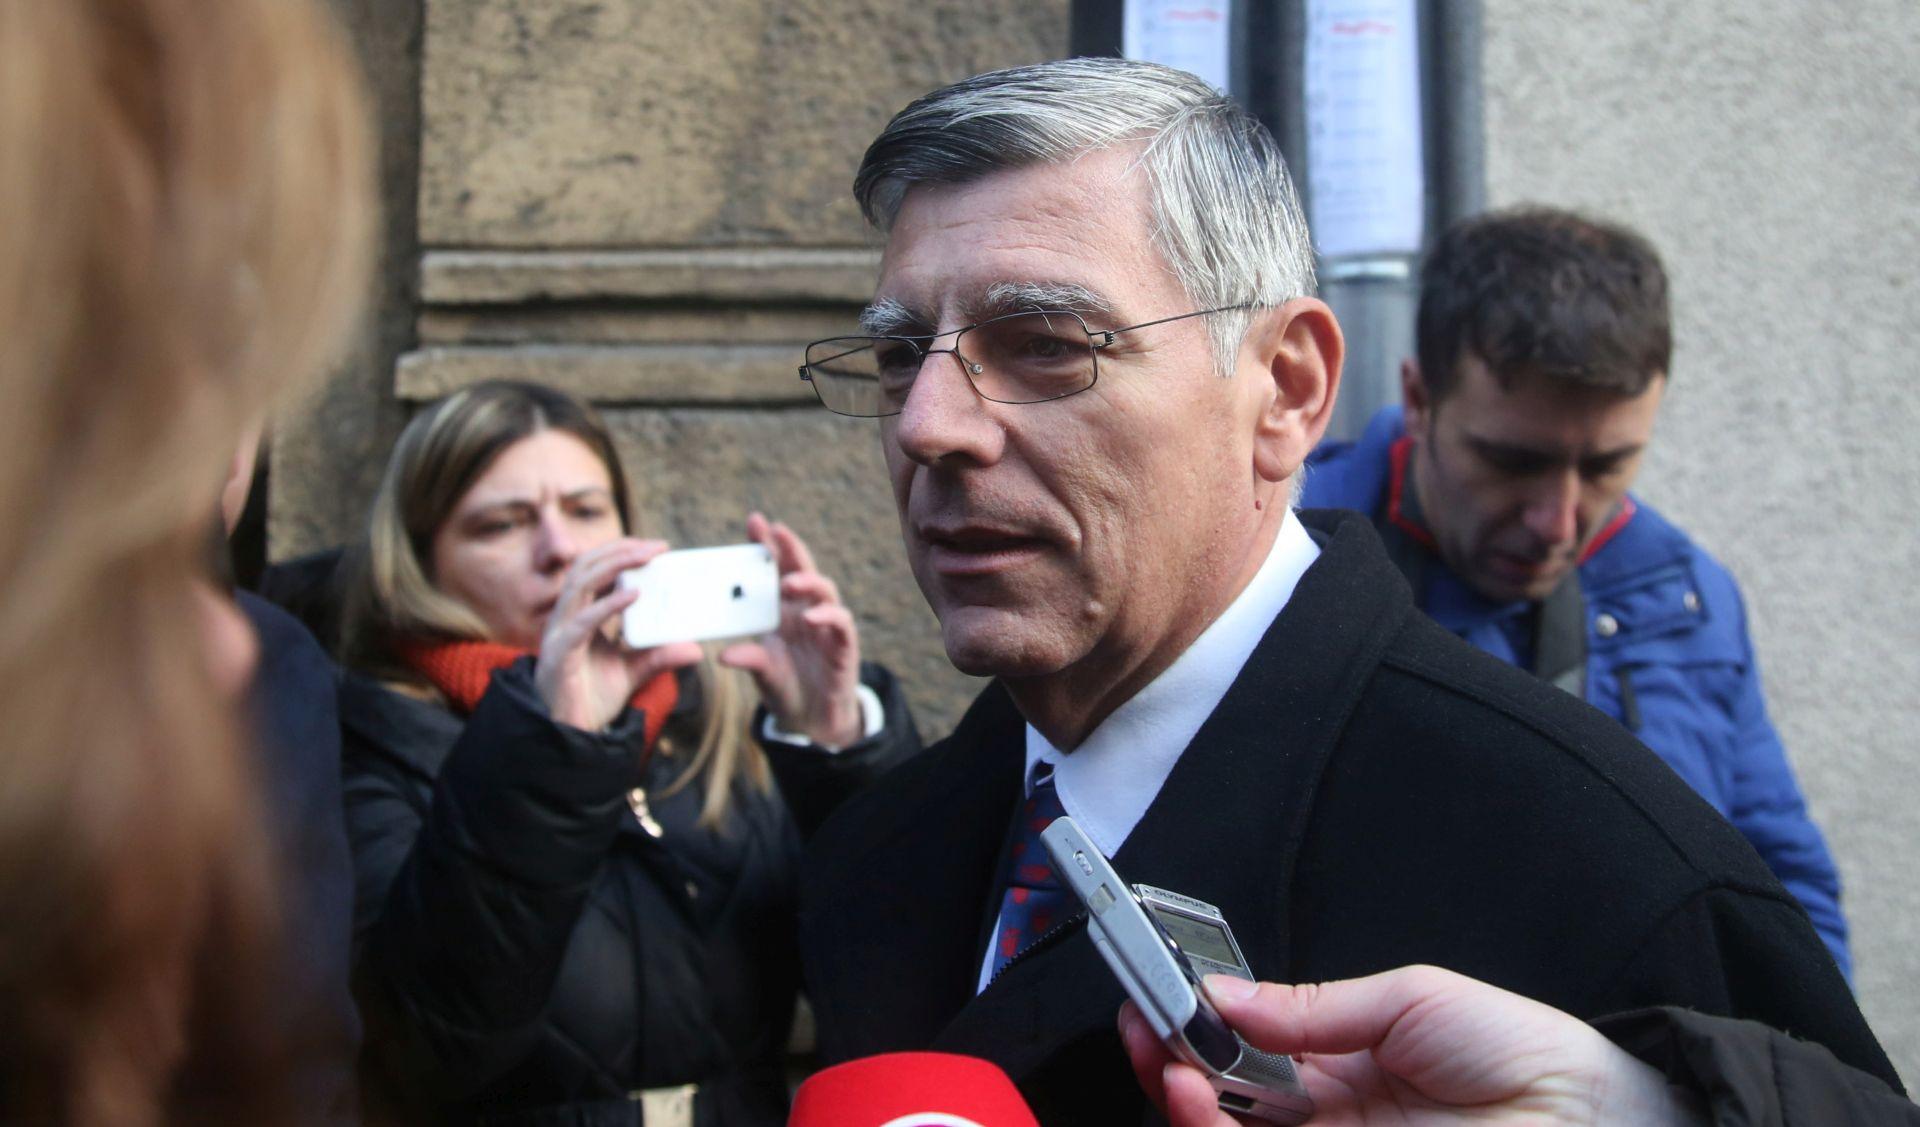 Željko Reiner: Očekujem da ću biti izabran jednoglasno